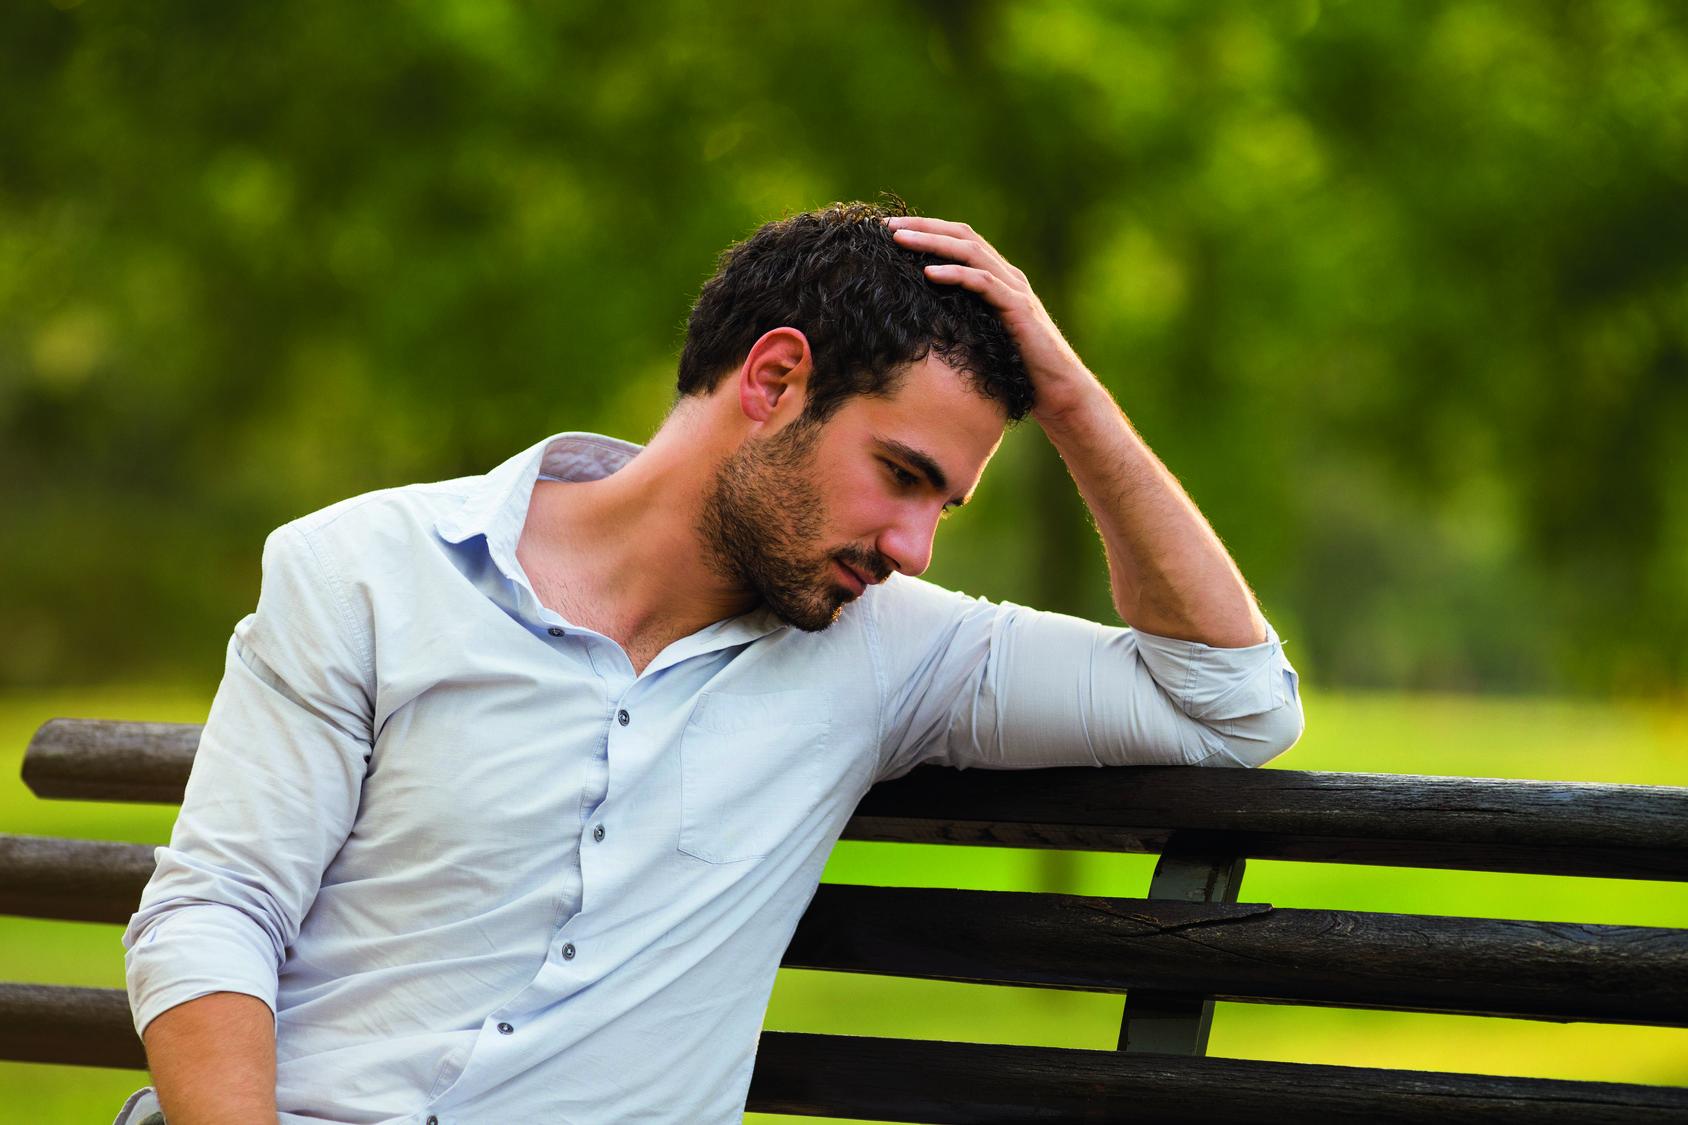 5 plantas medicinales y otros secretos para combatir el cansancio y descansar